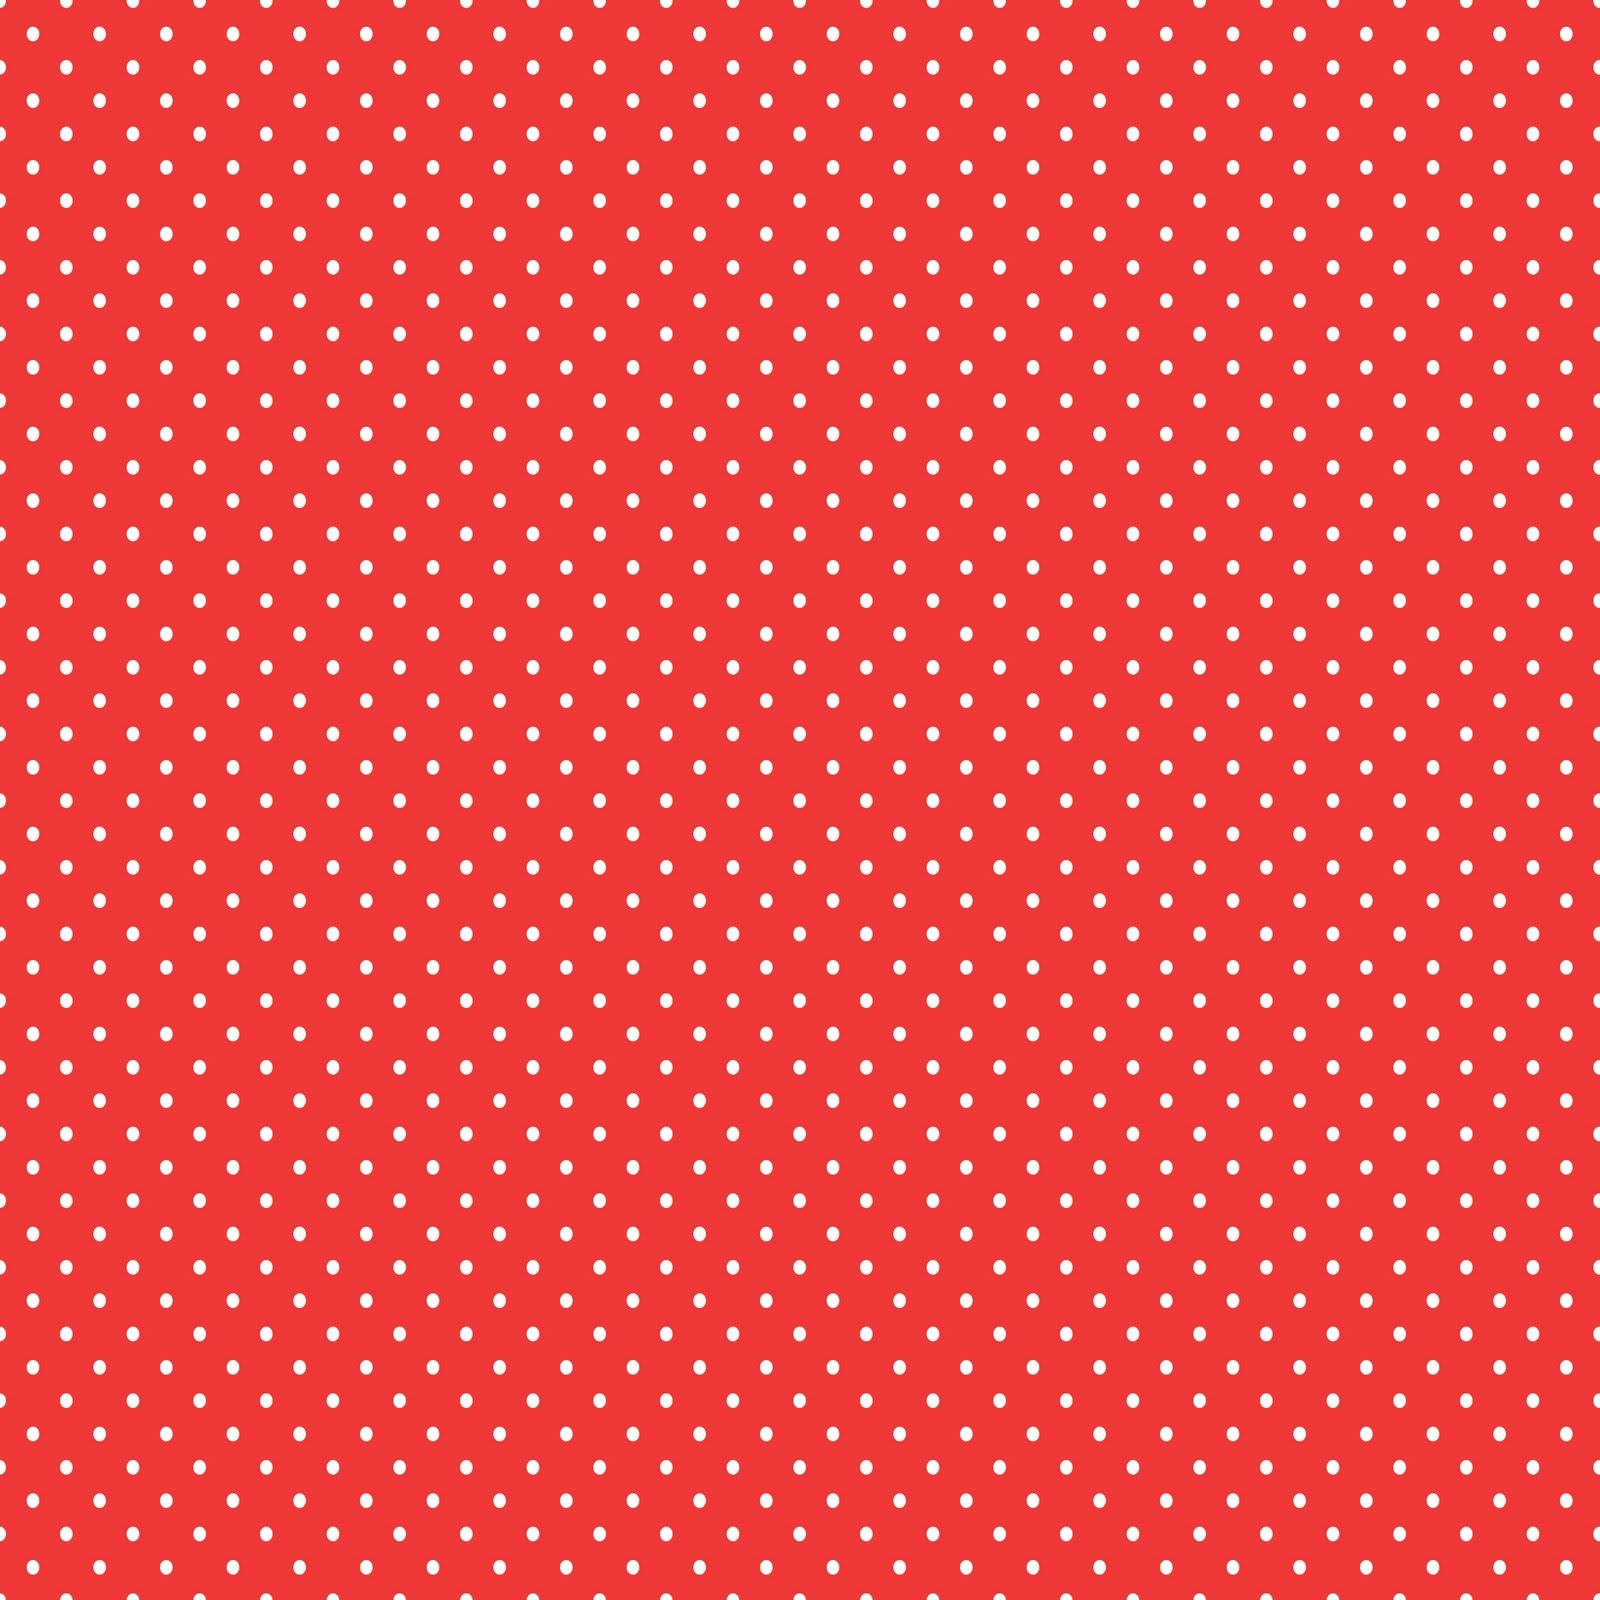 Free Vintage Digital Stamps Free Digital Scrapbook Paper Red Polka Dots Digital Scrapbook Paper Scrapbook Paper Free Digital Scrapbooking